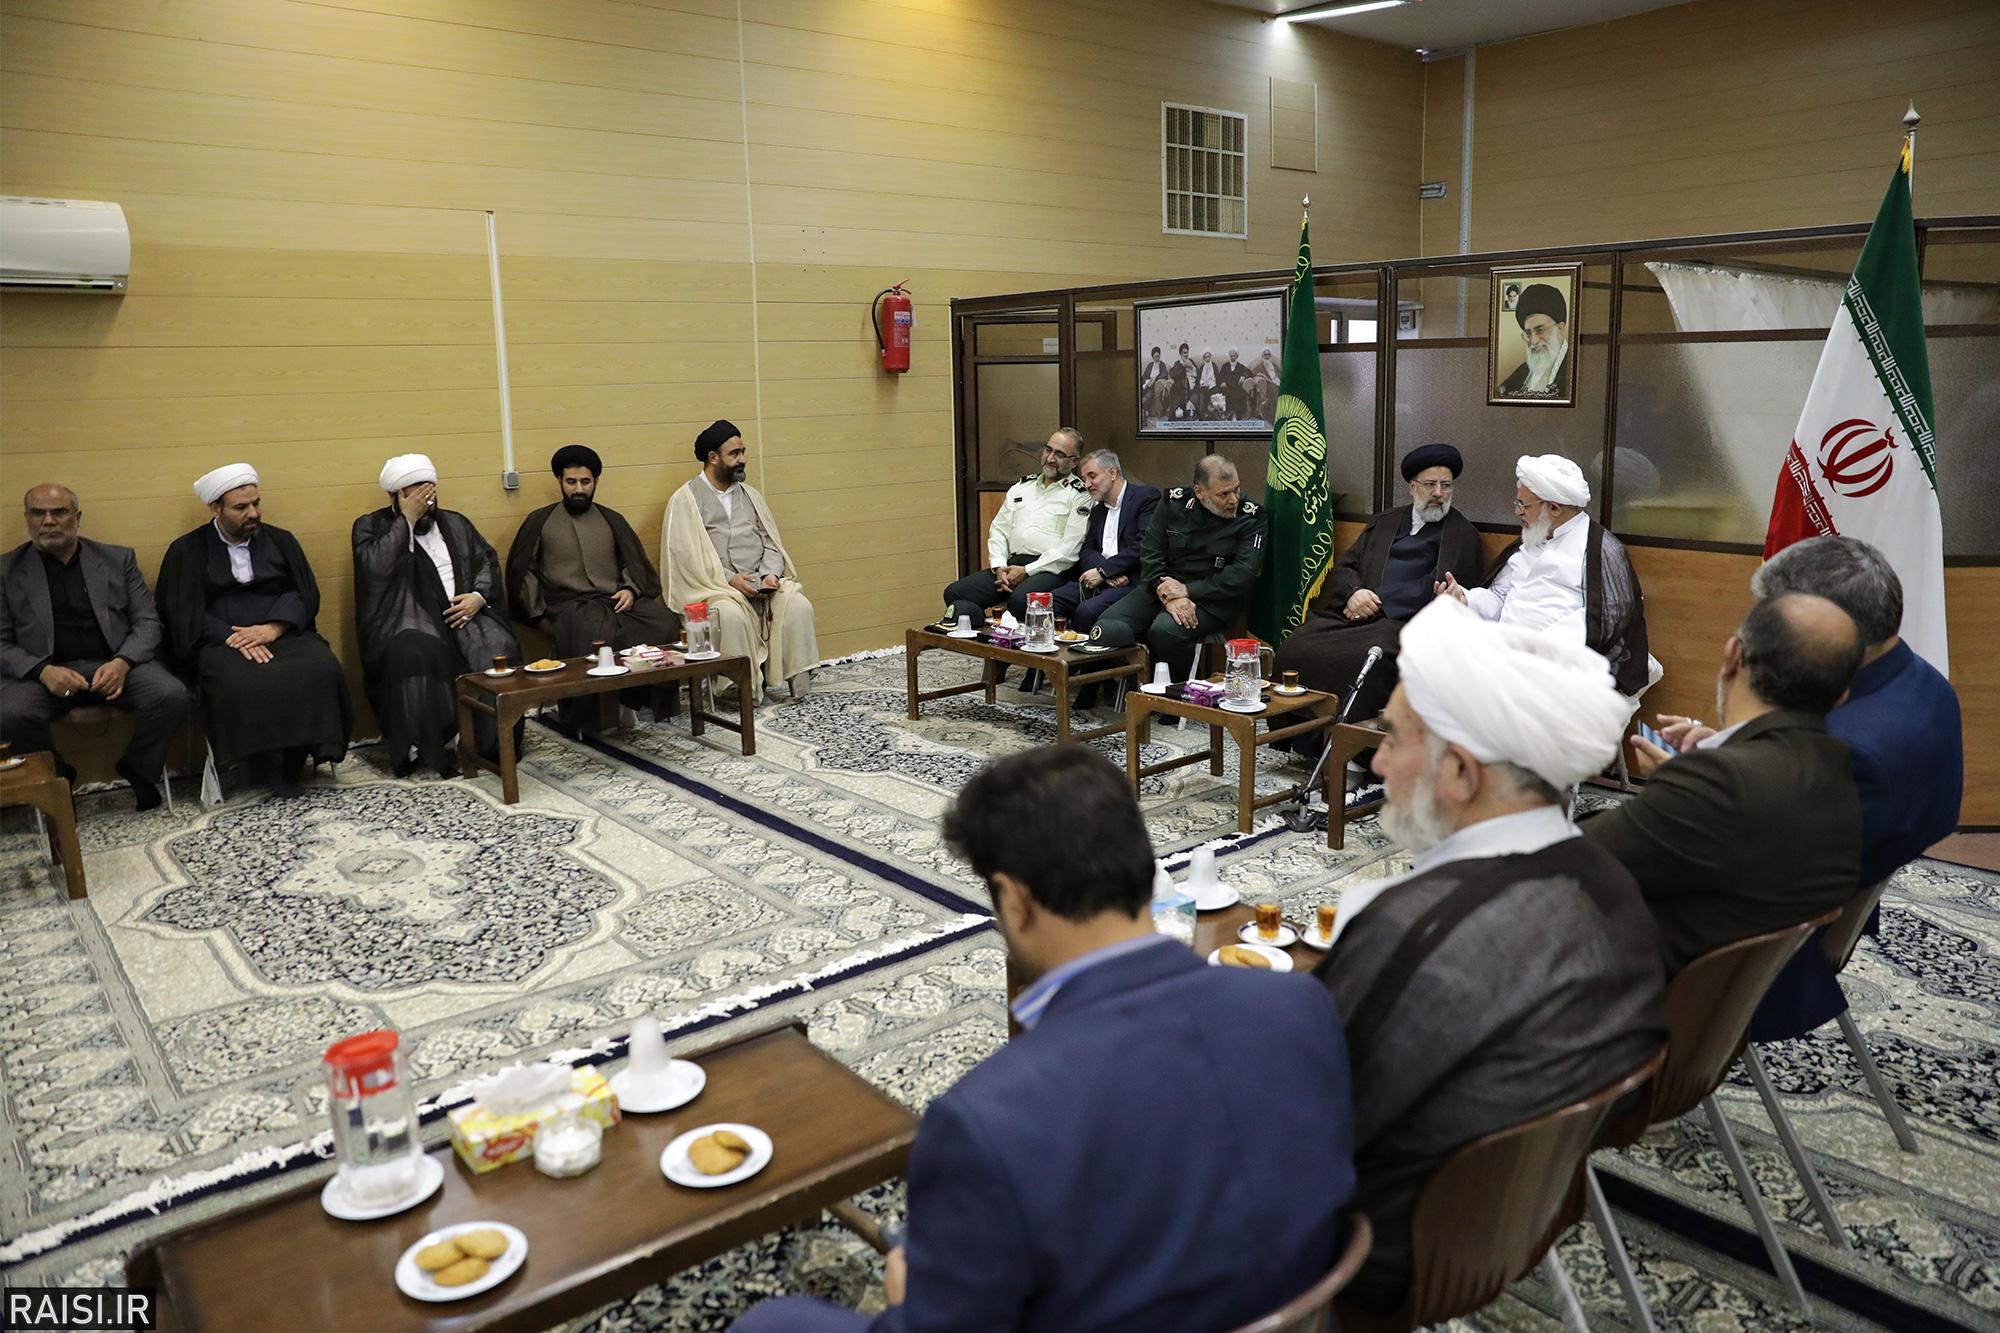 گزارش تصویری دیدار تولیت آستان قدس رضوی با امام جمعه و مسئولین شهر یزد